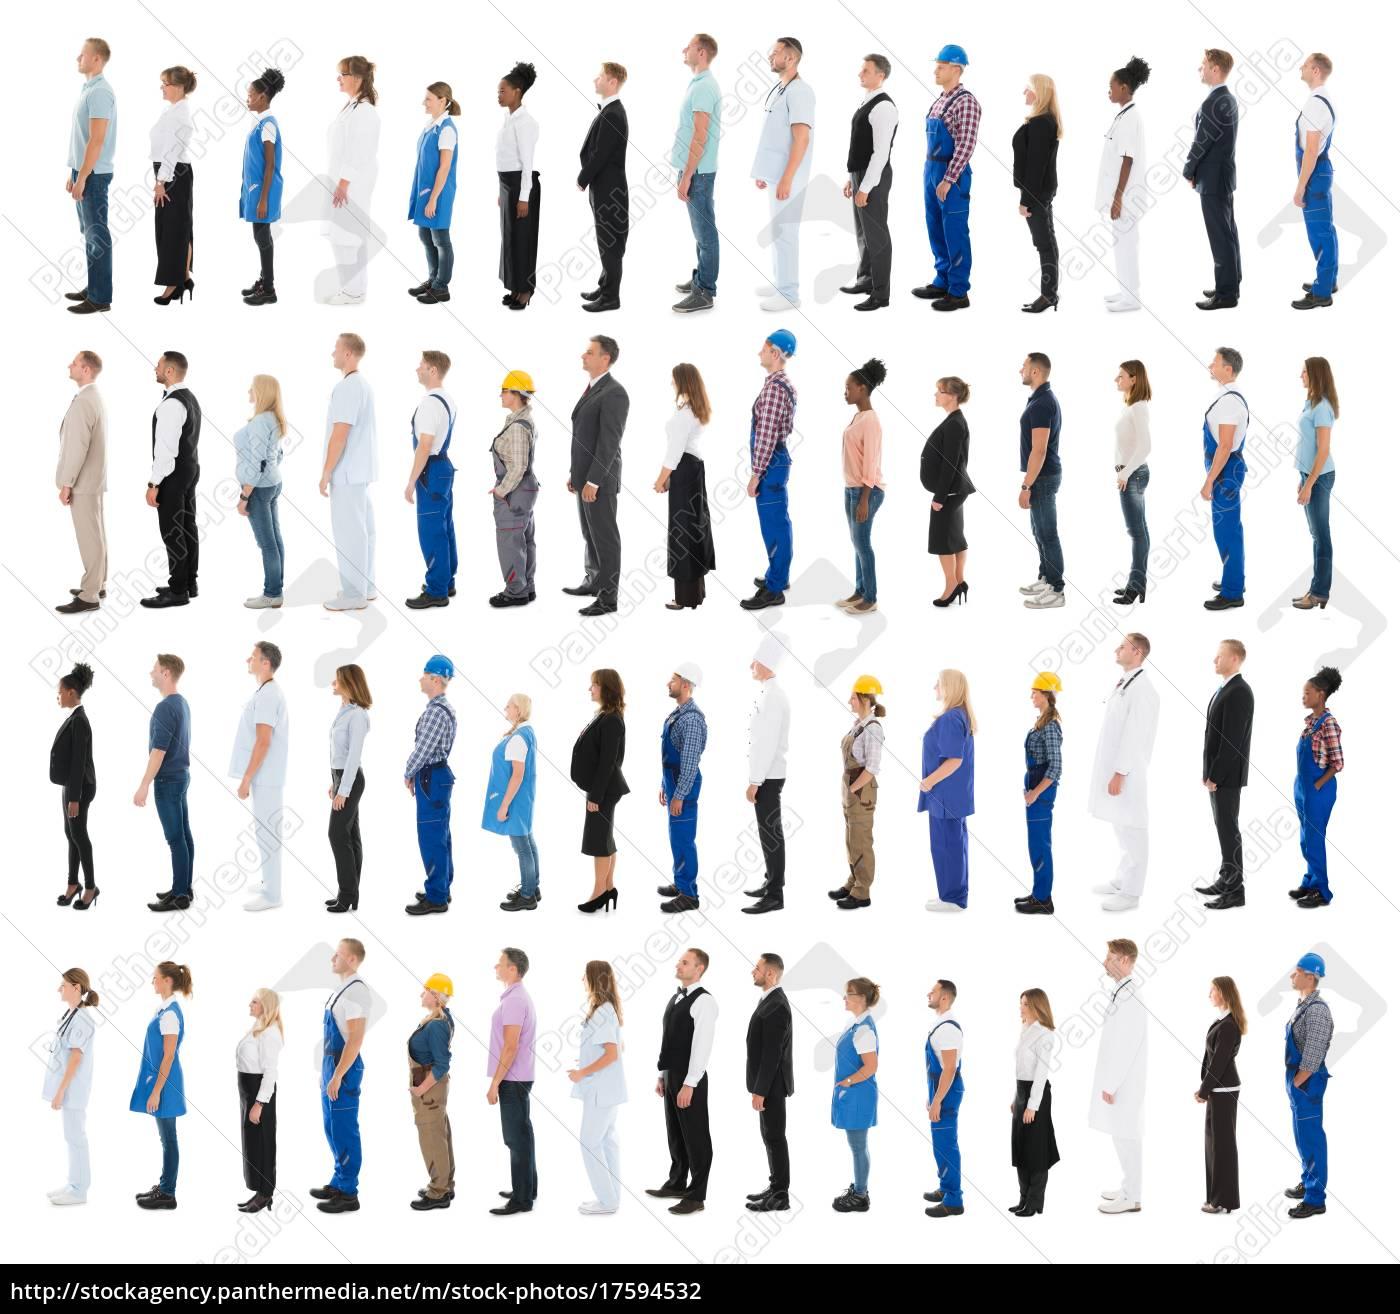 menschen, mit, verschiedenen, beruf, standing, in - 17594532